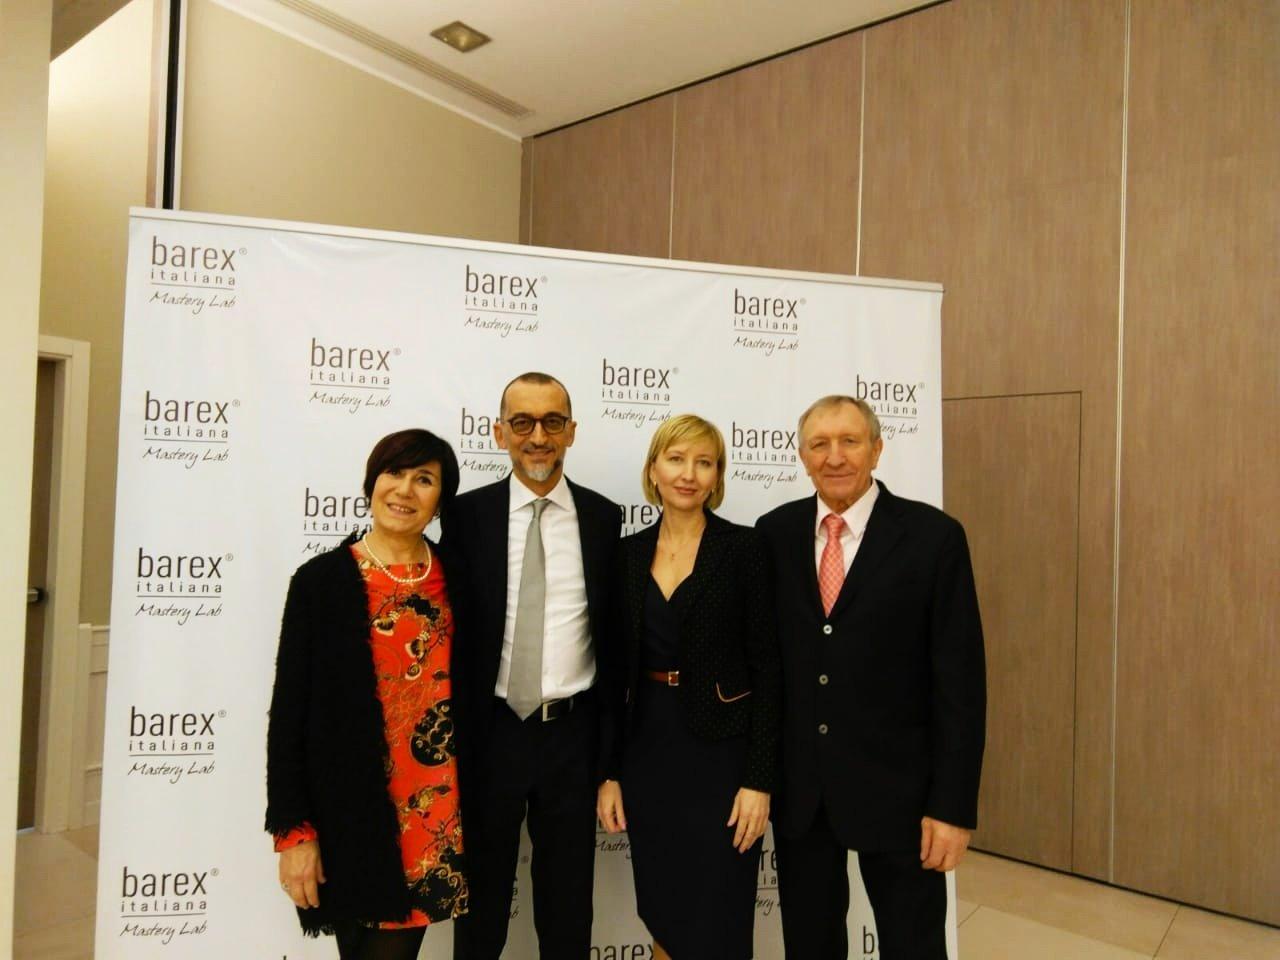 Международная встреча дистрибьюторов  Barex Italiana